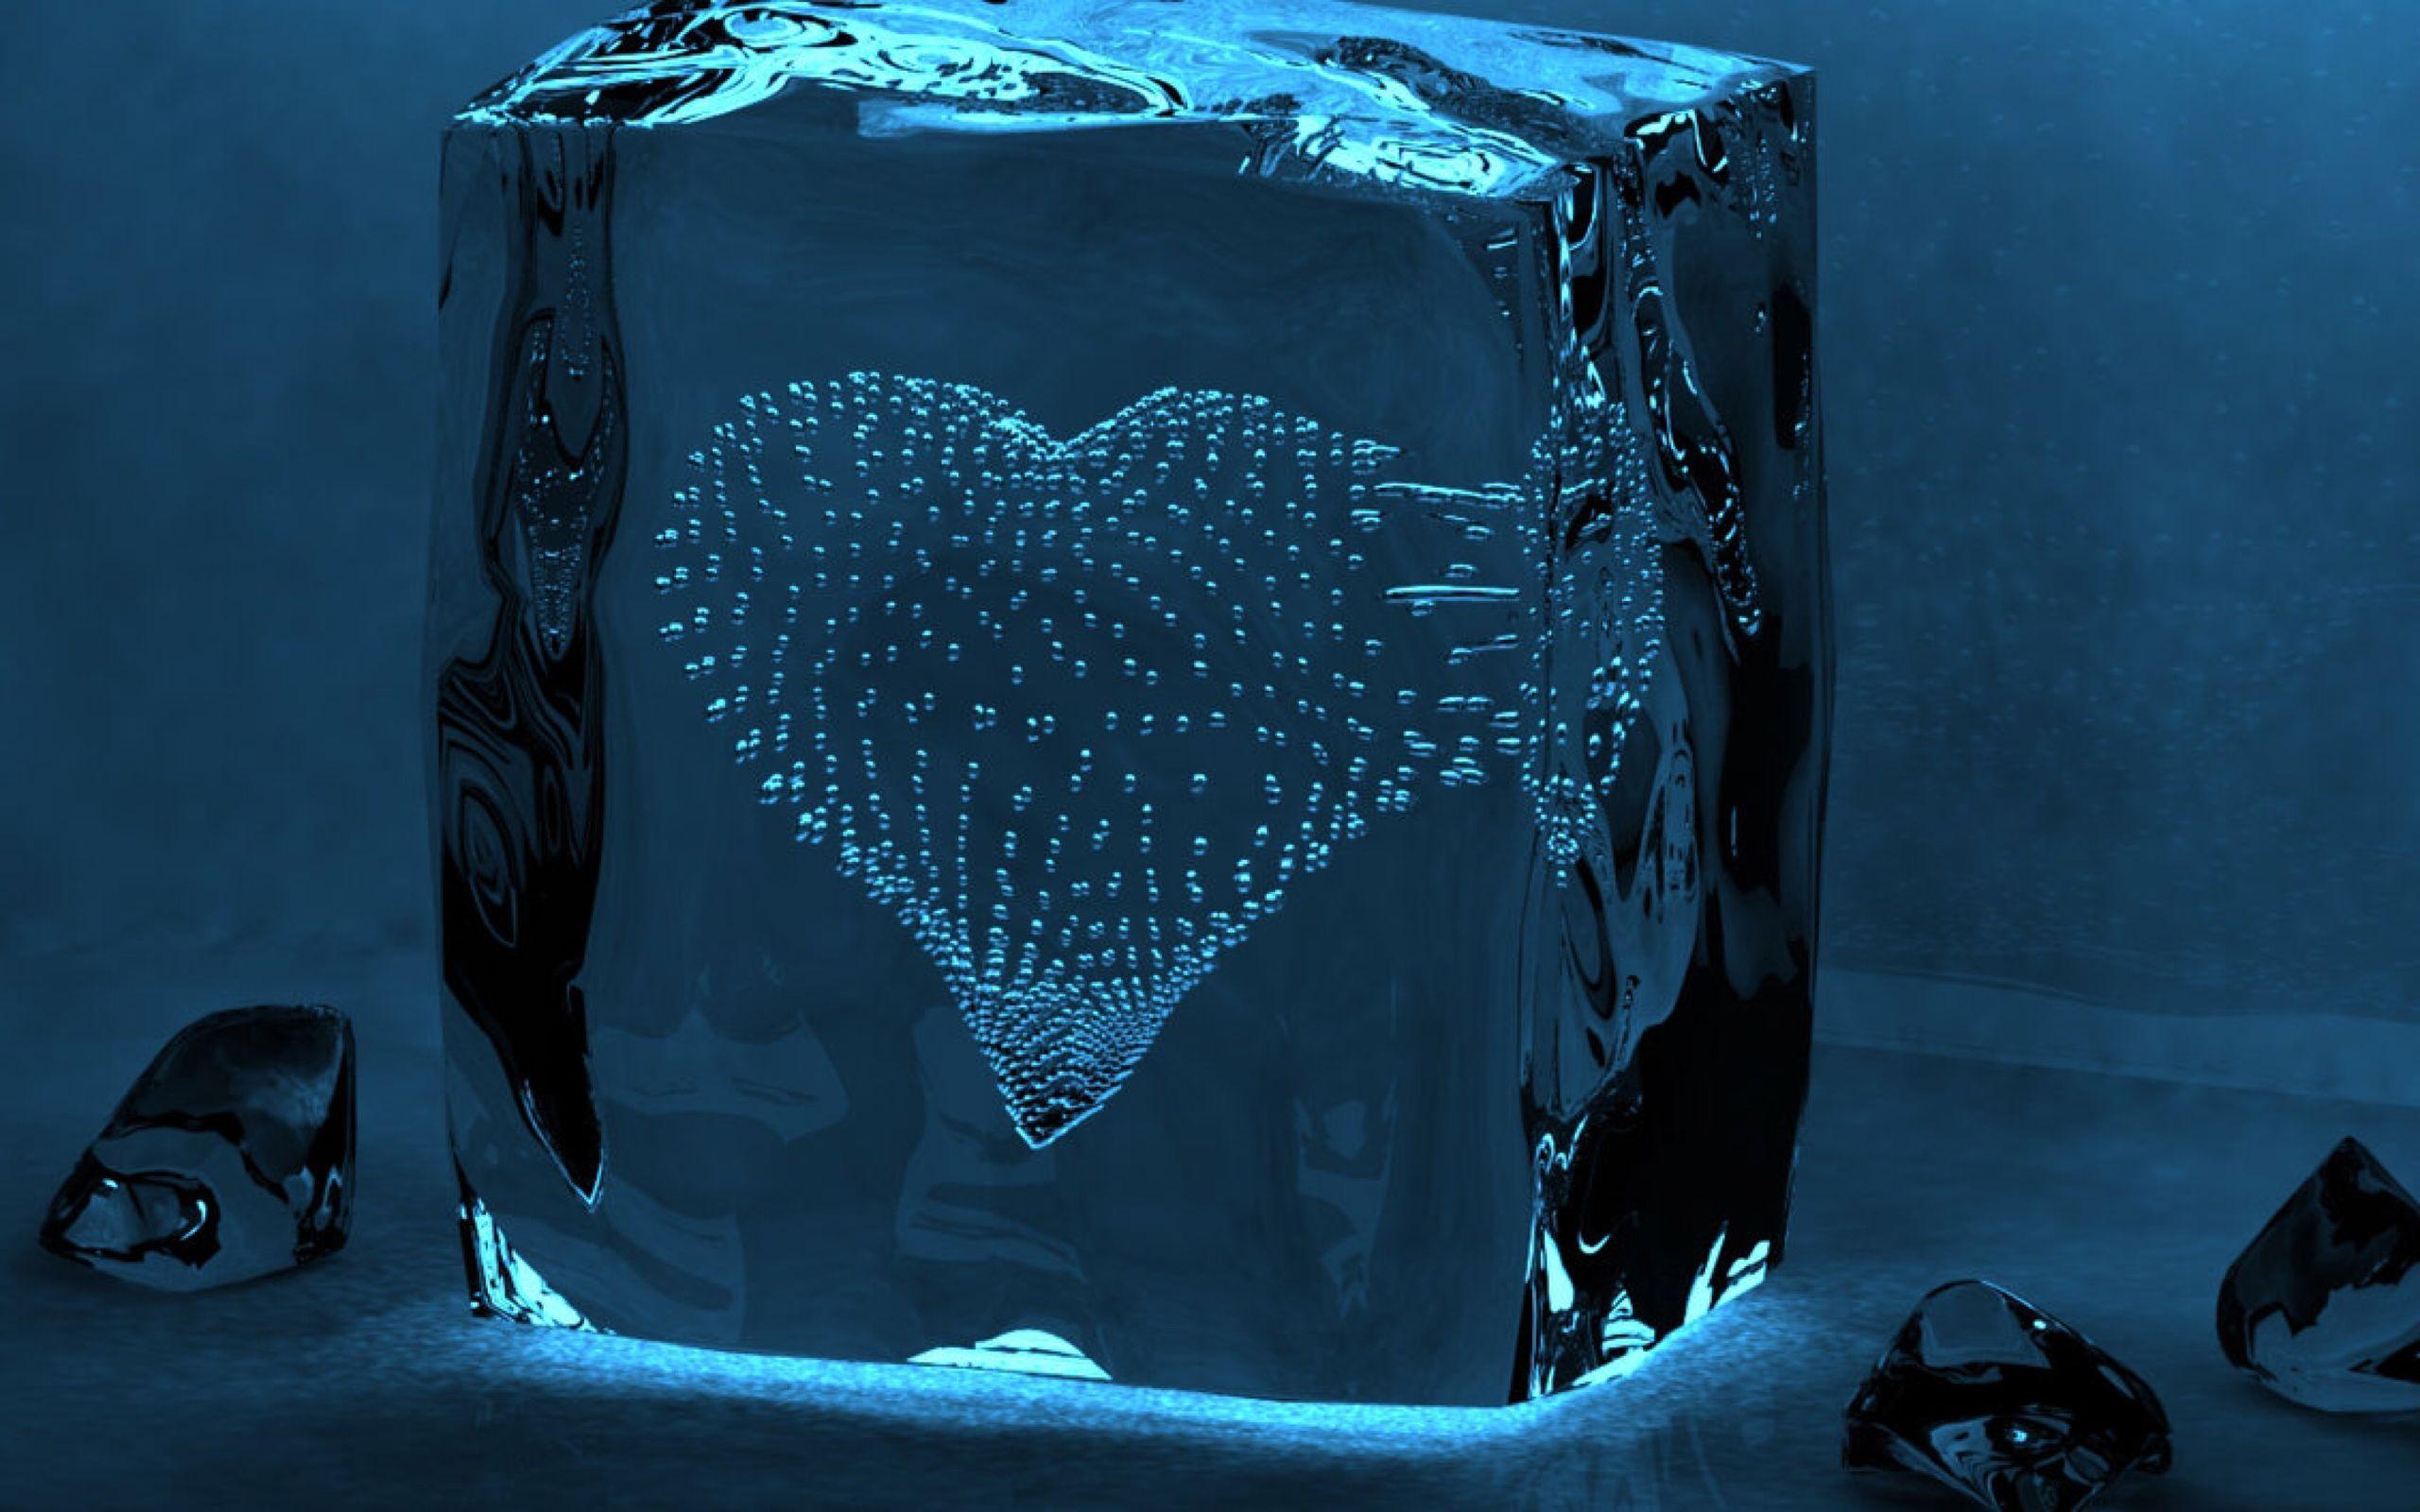 Frozen love by mironor on deviantart ƒọɾ ᙏƴ ҽʋҽʀƴŧɧɩɳǥ